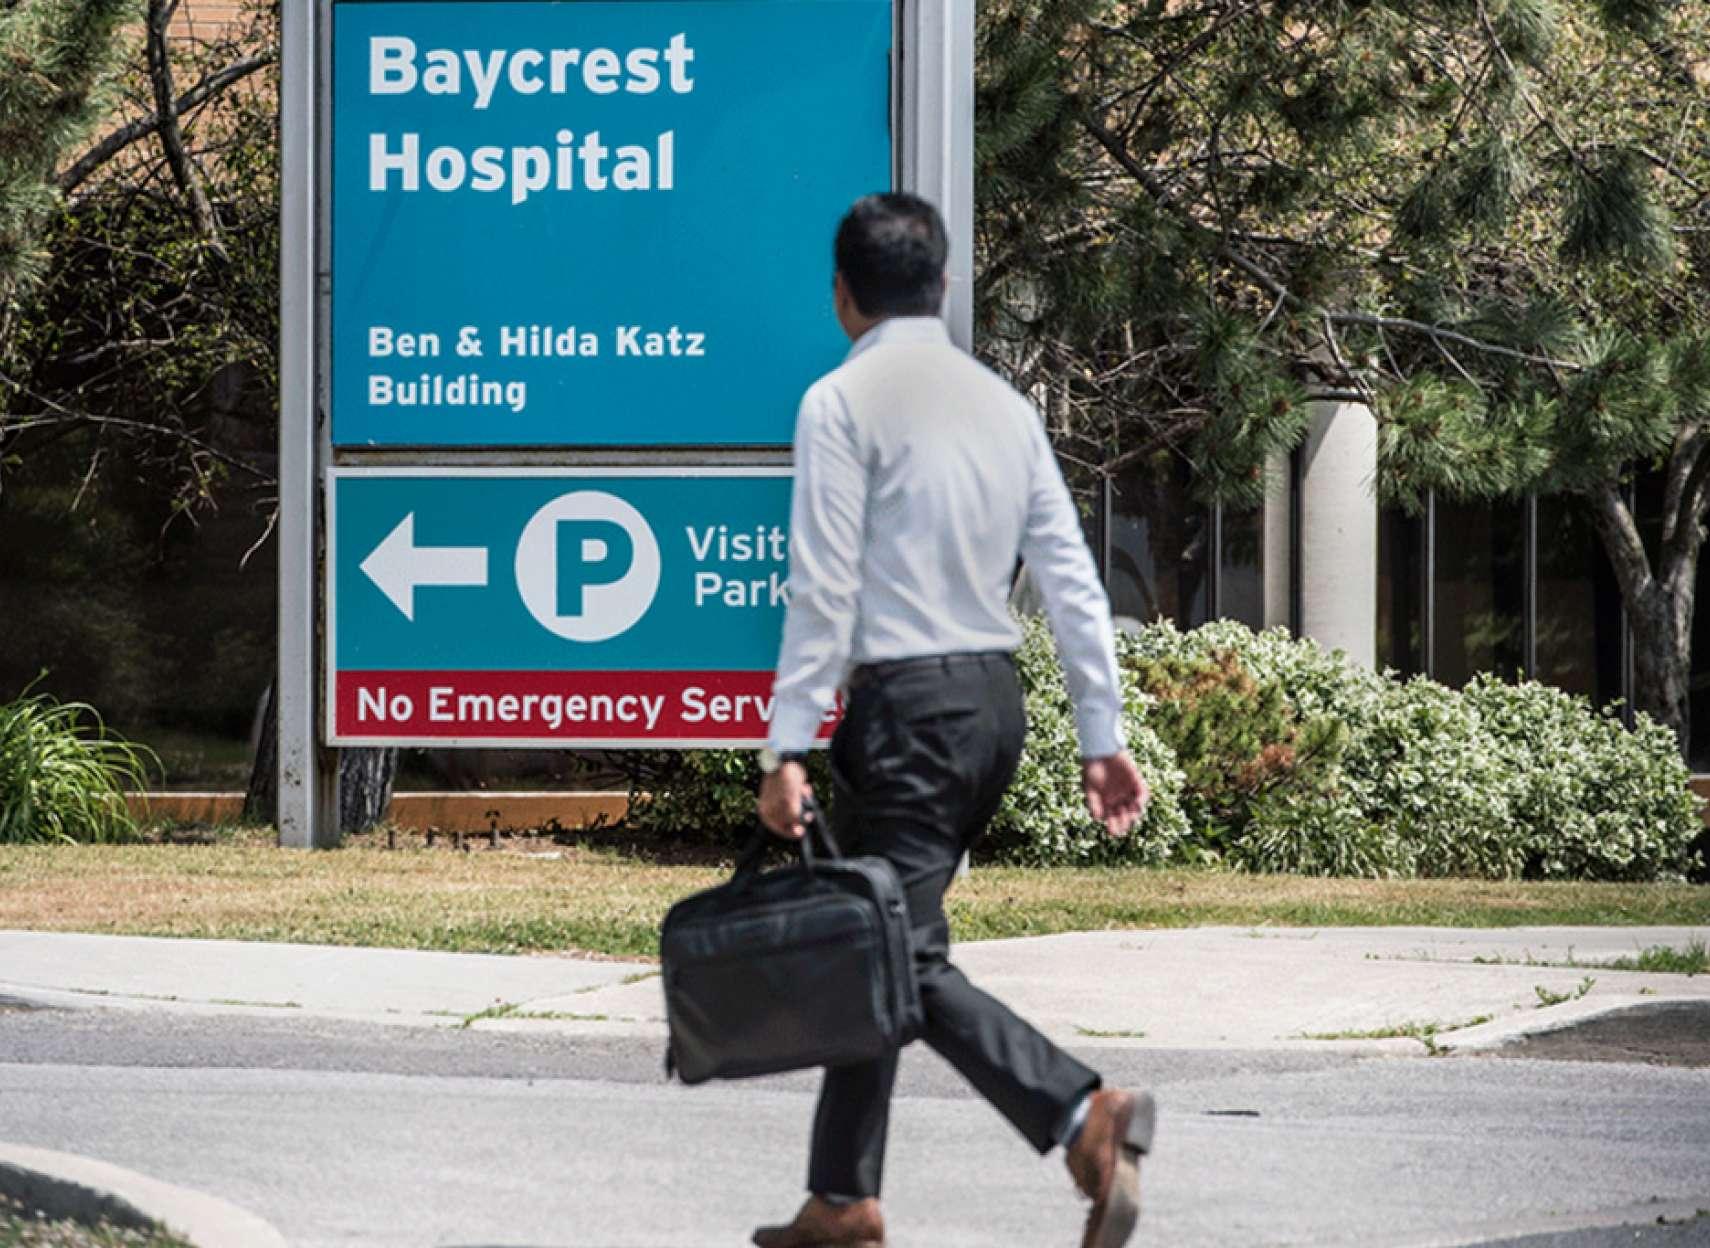 اخبار-تورنتو-افشای-میلیونها-دلار-فساد-در-یک-بیمارستان-منجر-به-اخراج-150-نفر-شد